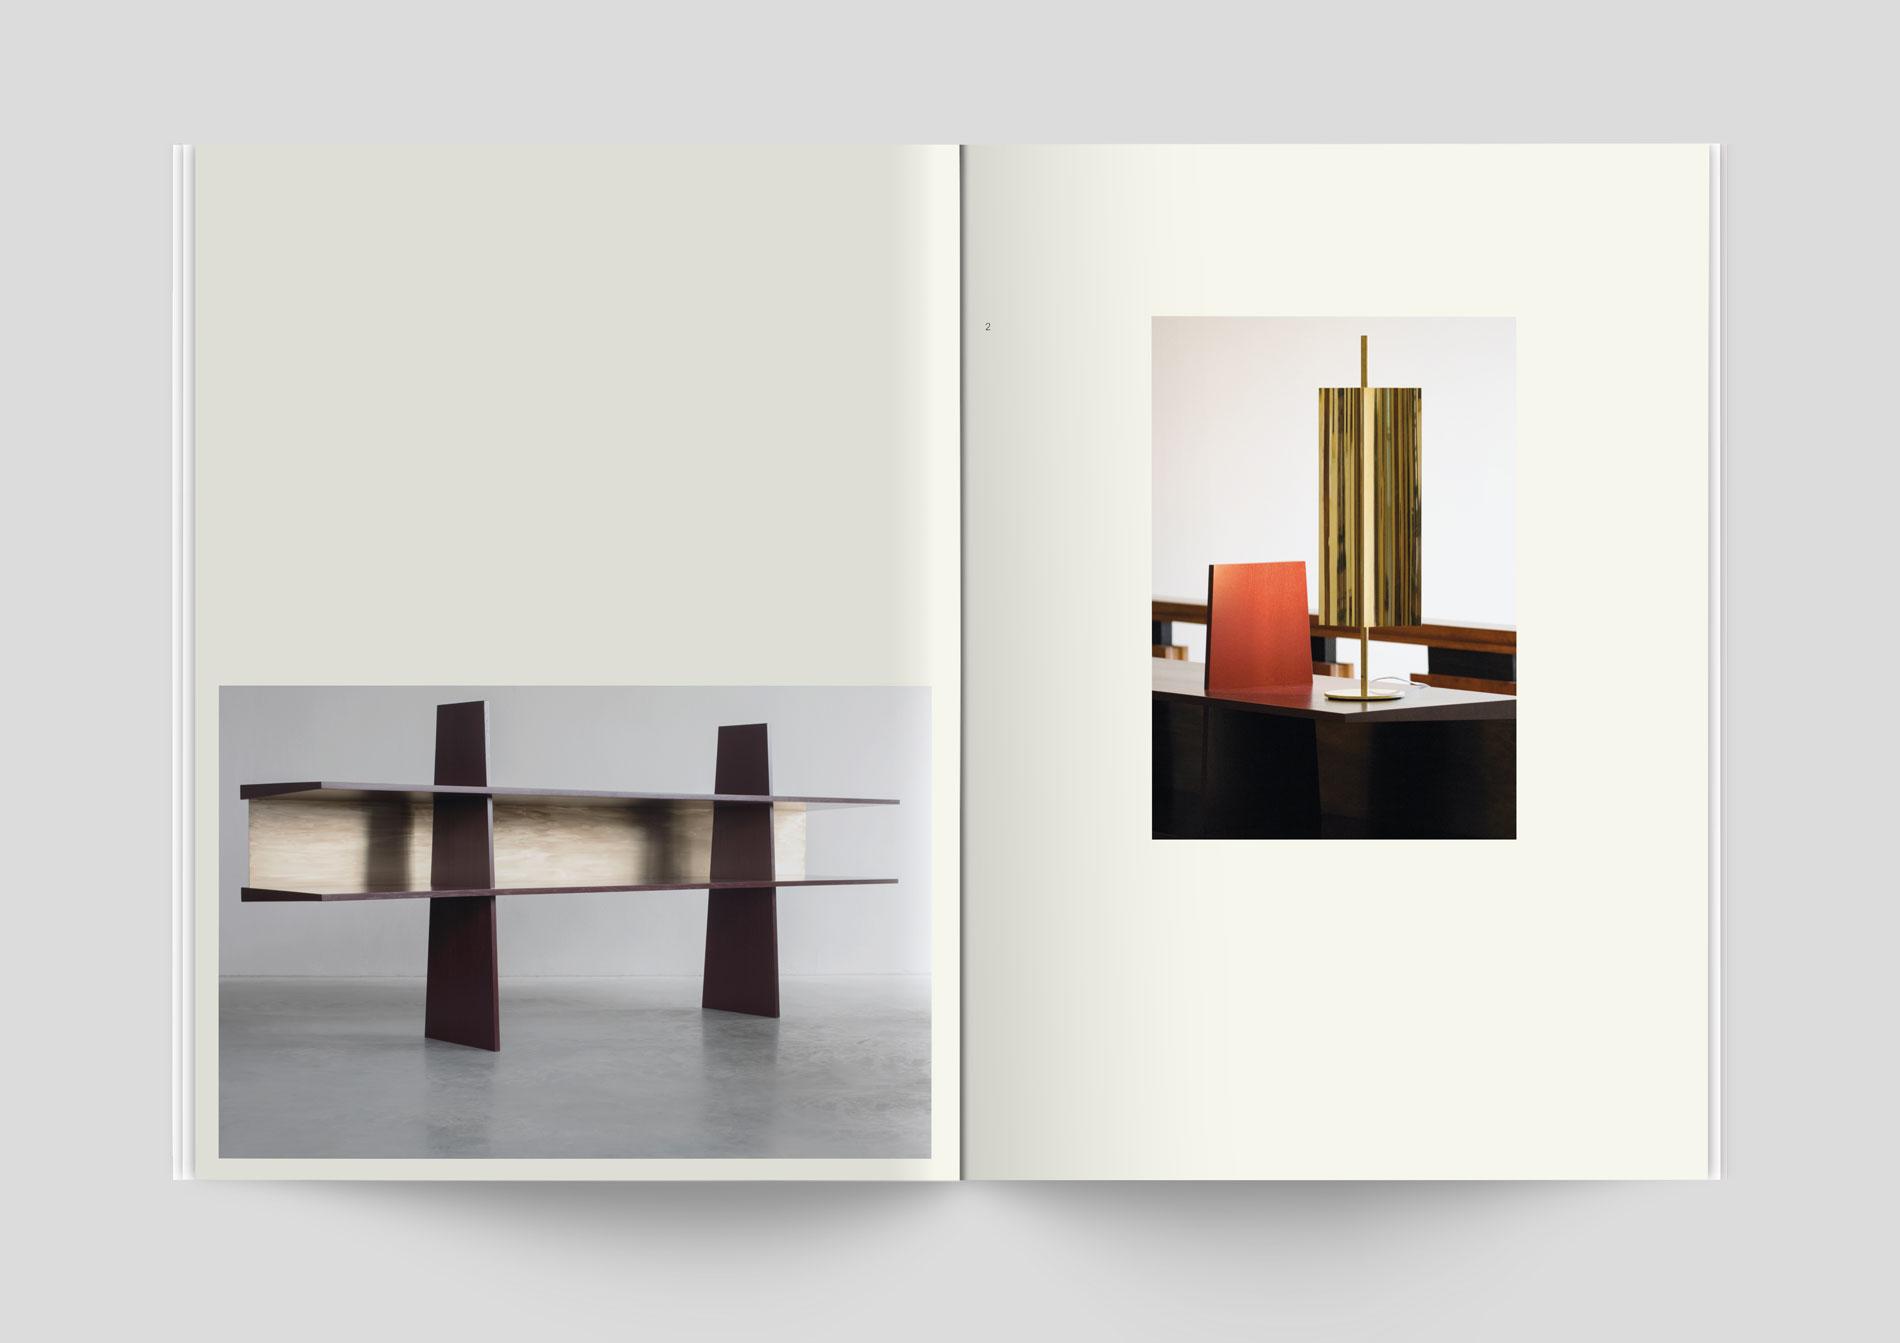 nicoletta-dalfino-van-rossum-andrea-tognon-lookbook-2018-spread-03